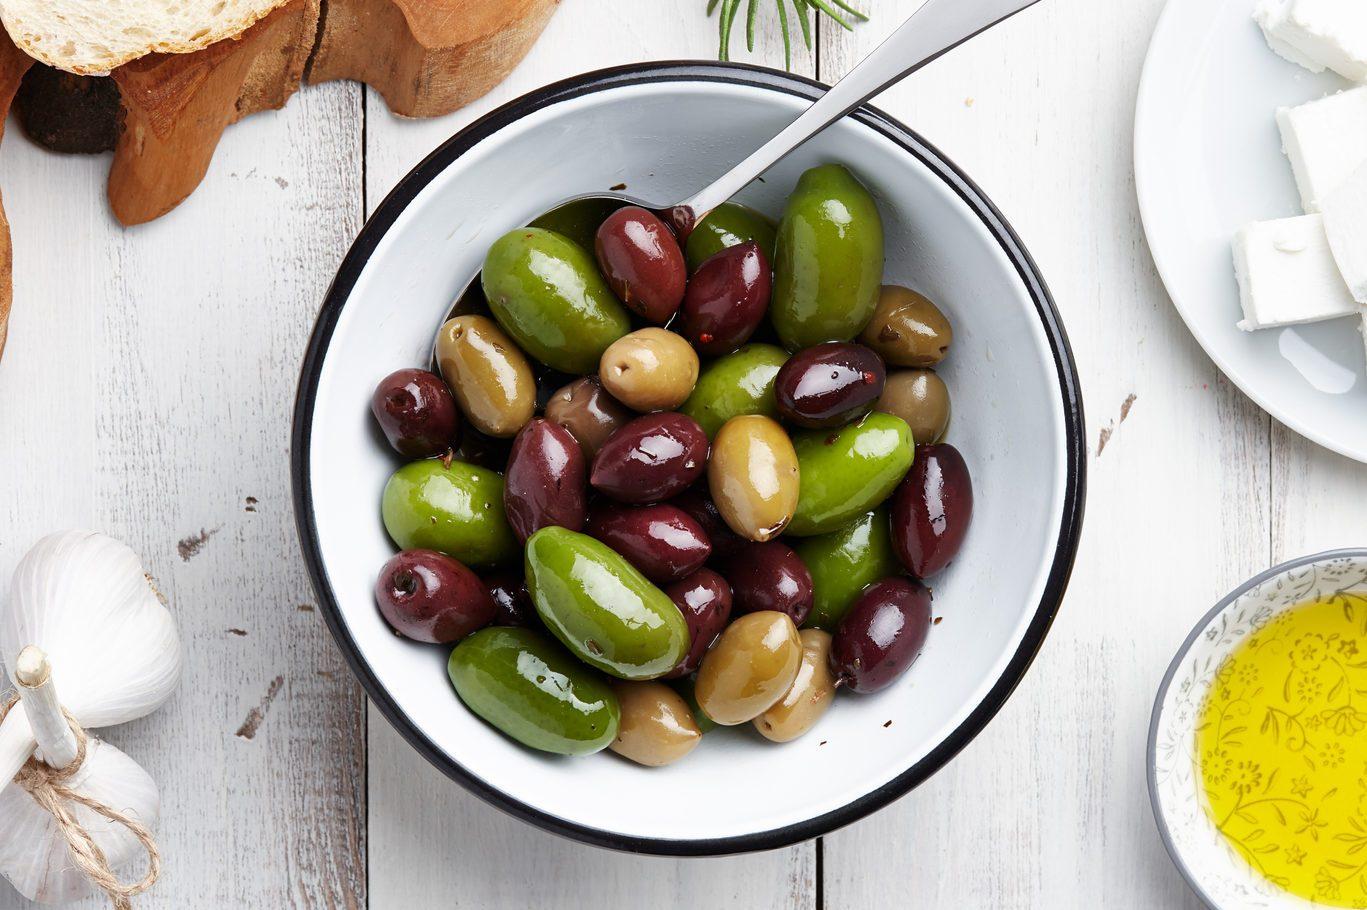 Greek cuisine ingredients